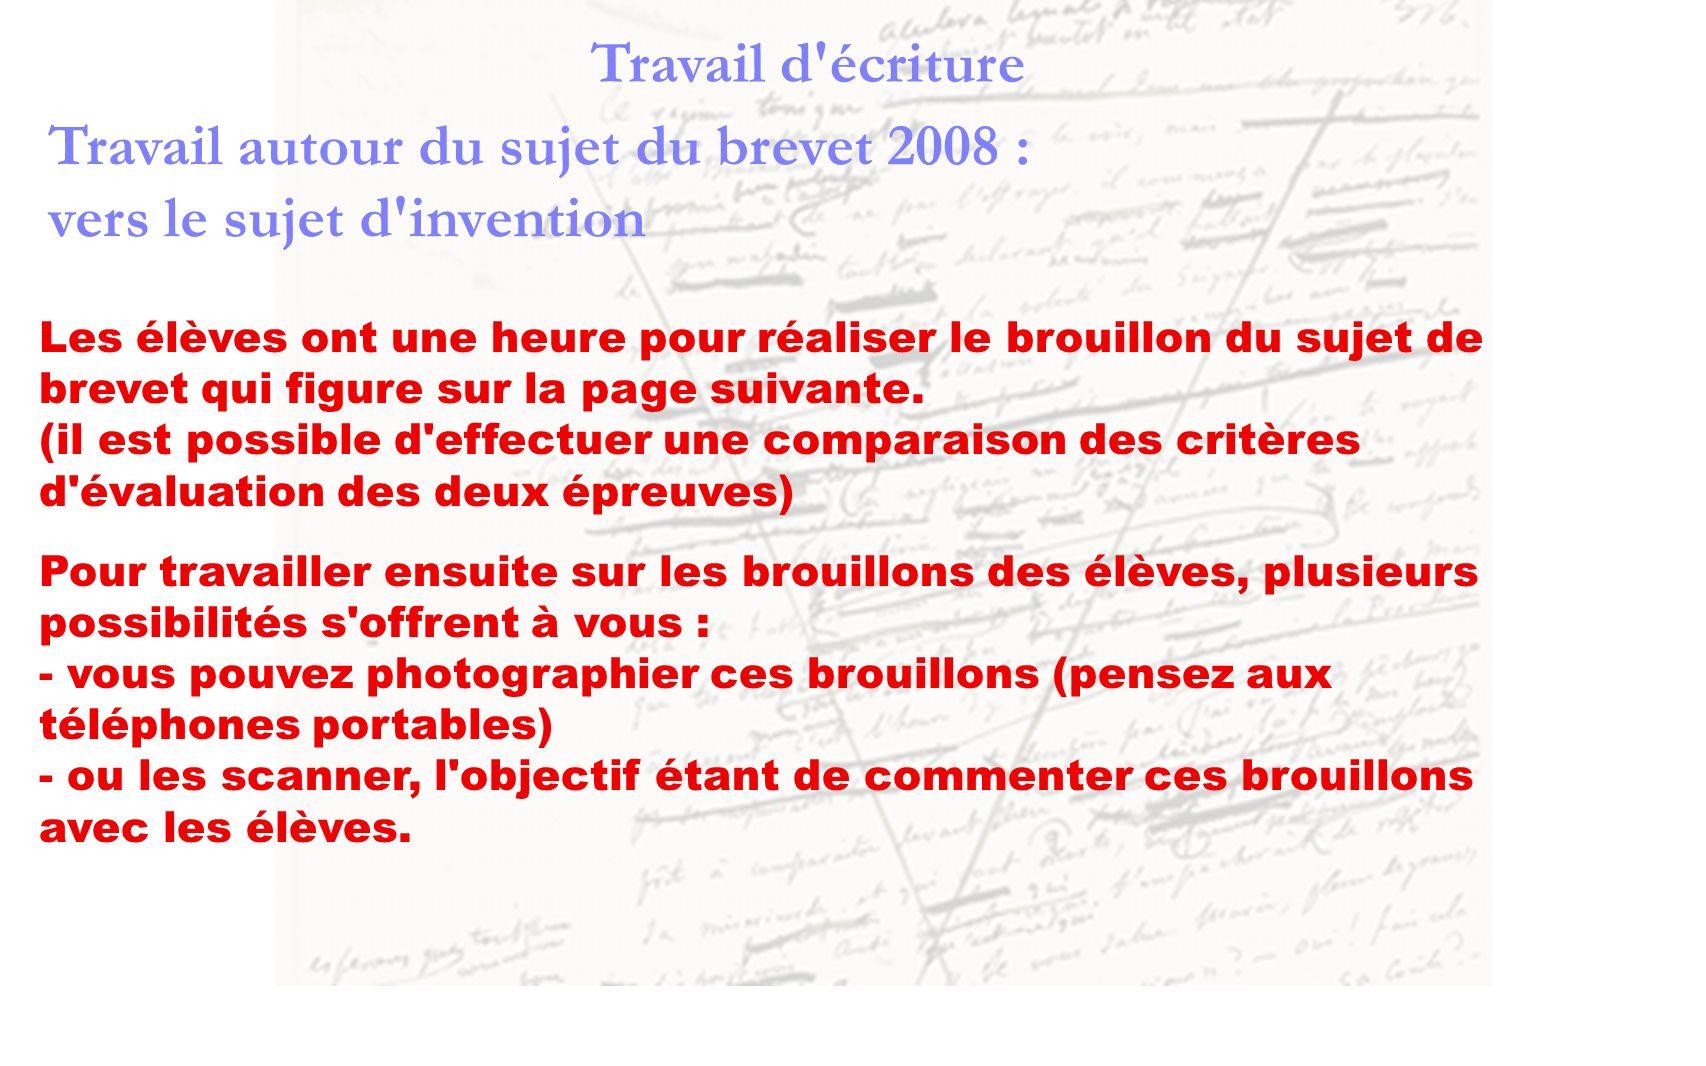 Travail autour du sujet du brevet 2008 : vers le sujet d invention